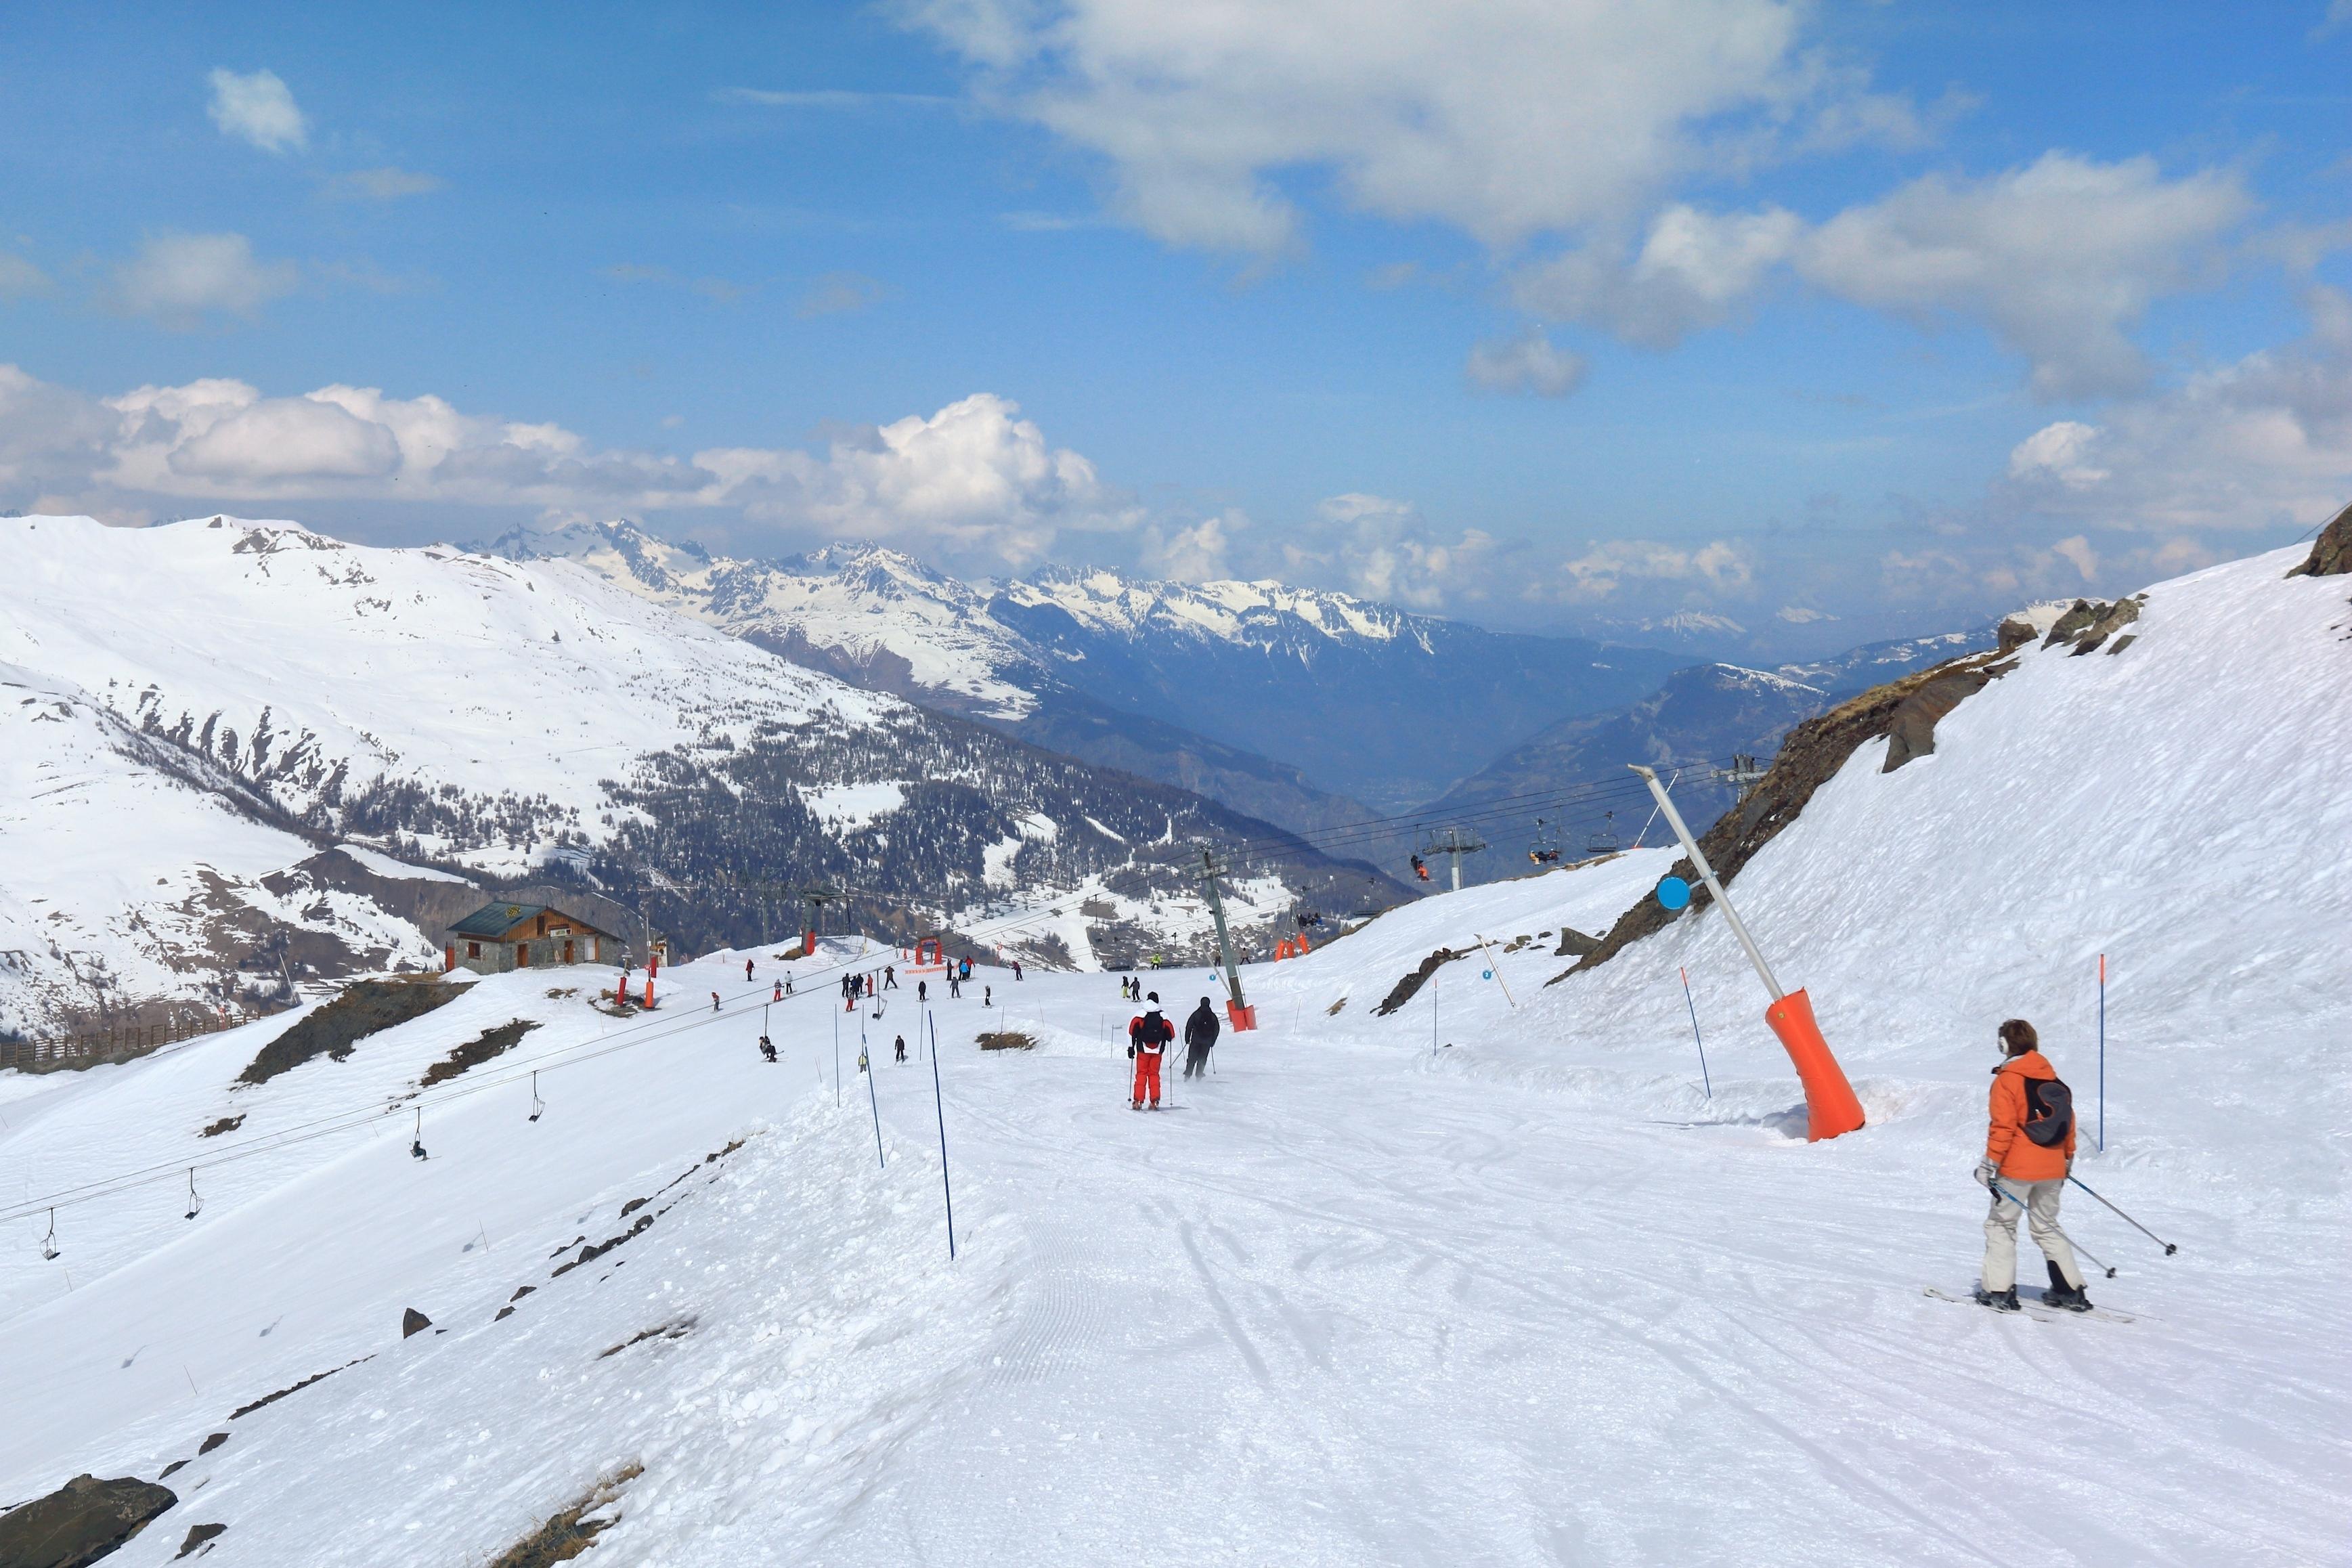 松鳴岩國際滑雪場